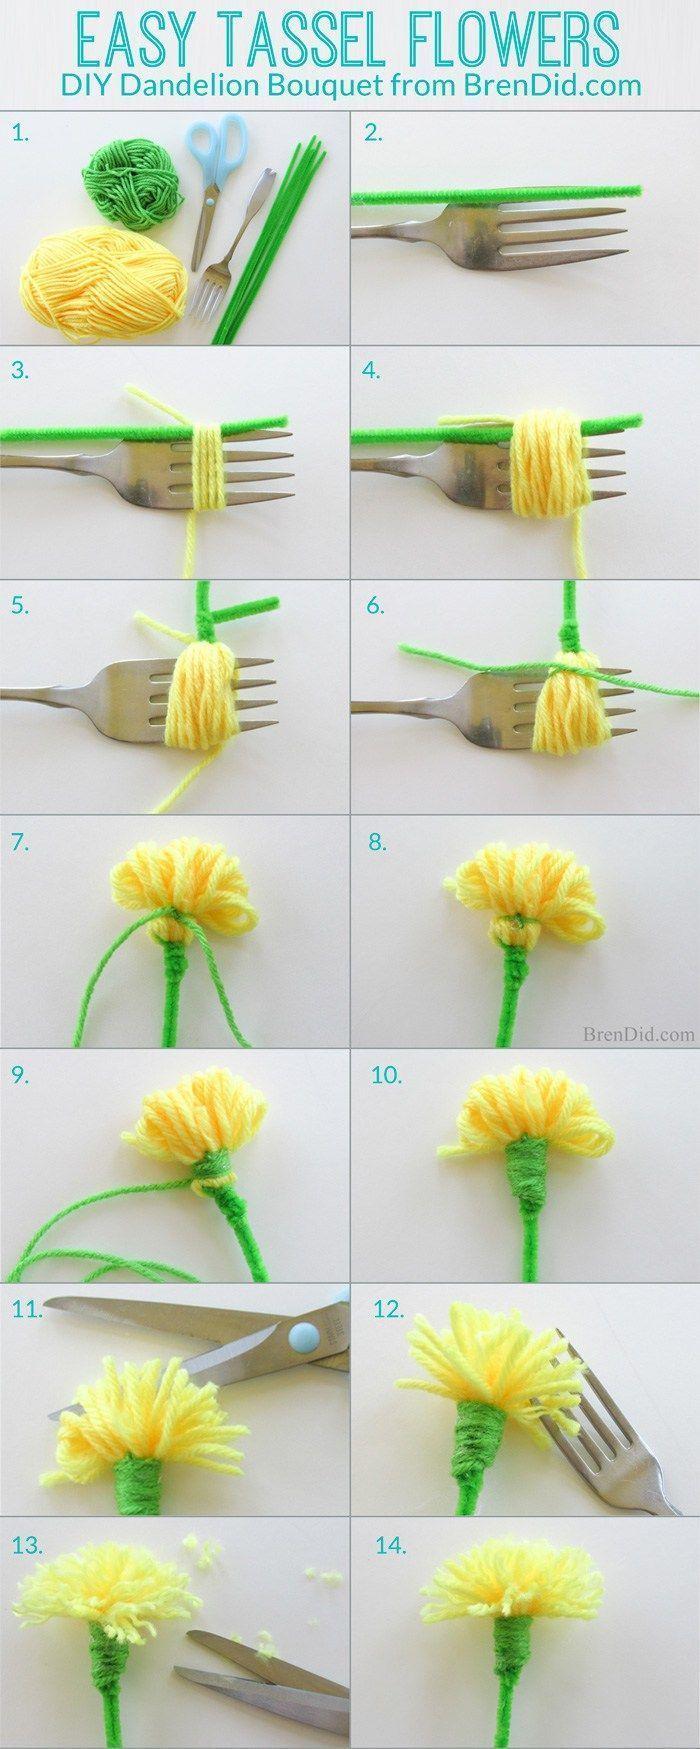 Wie Quaste Blumen machen - Machen Sie eine einfache DIY Löwenzahn Bouquest mit Garn und ... #blumen #bouquest #einfache #lowenzahn #machen #quaste #flowers